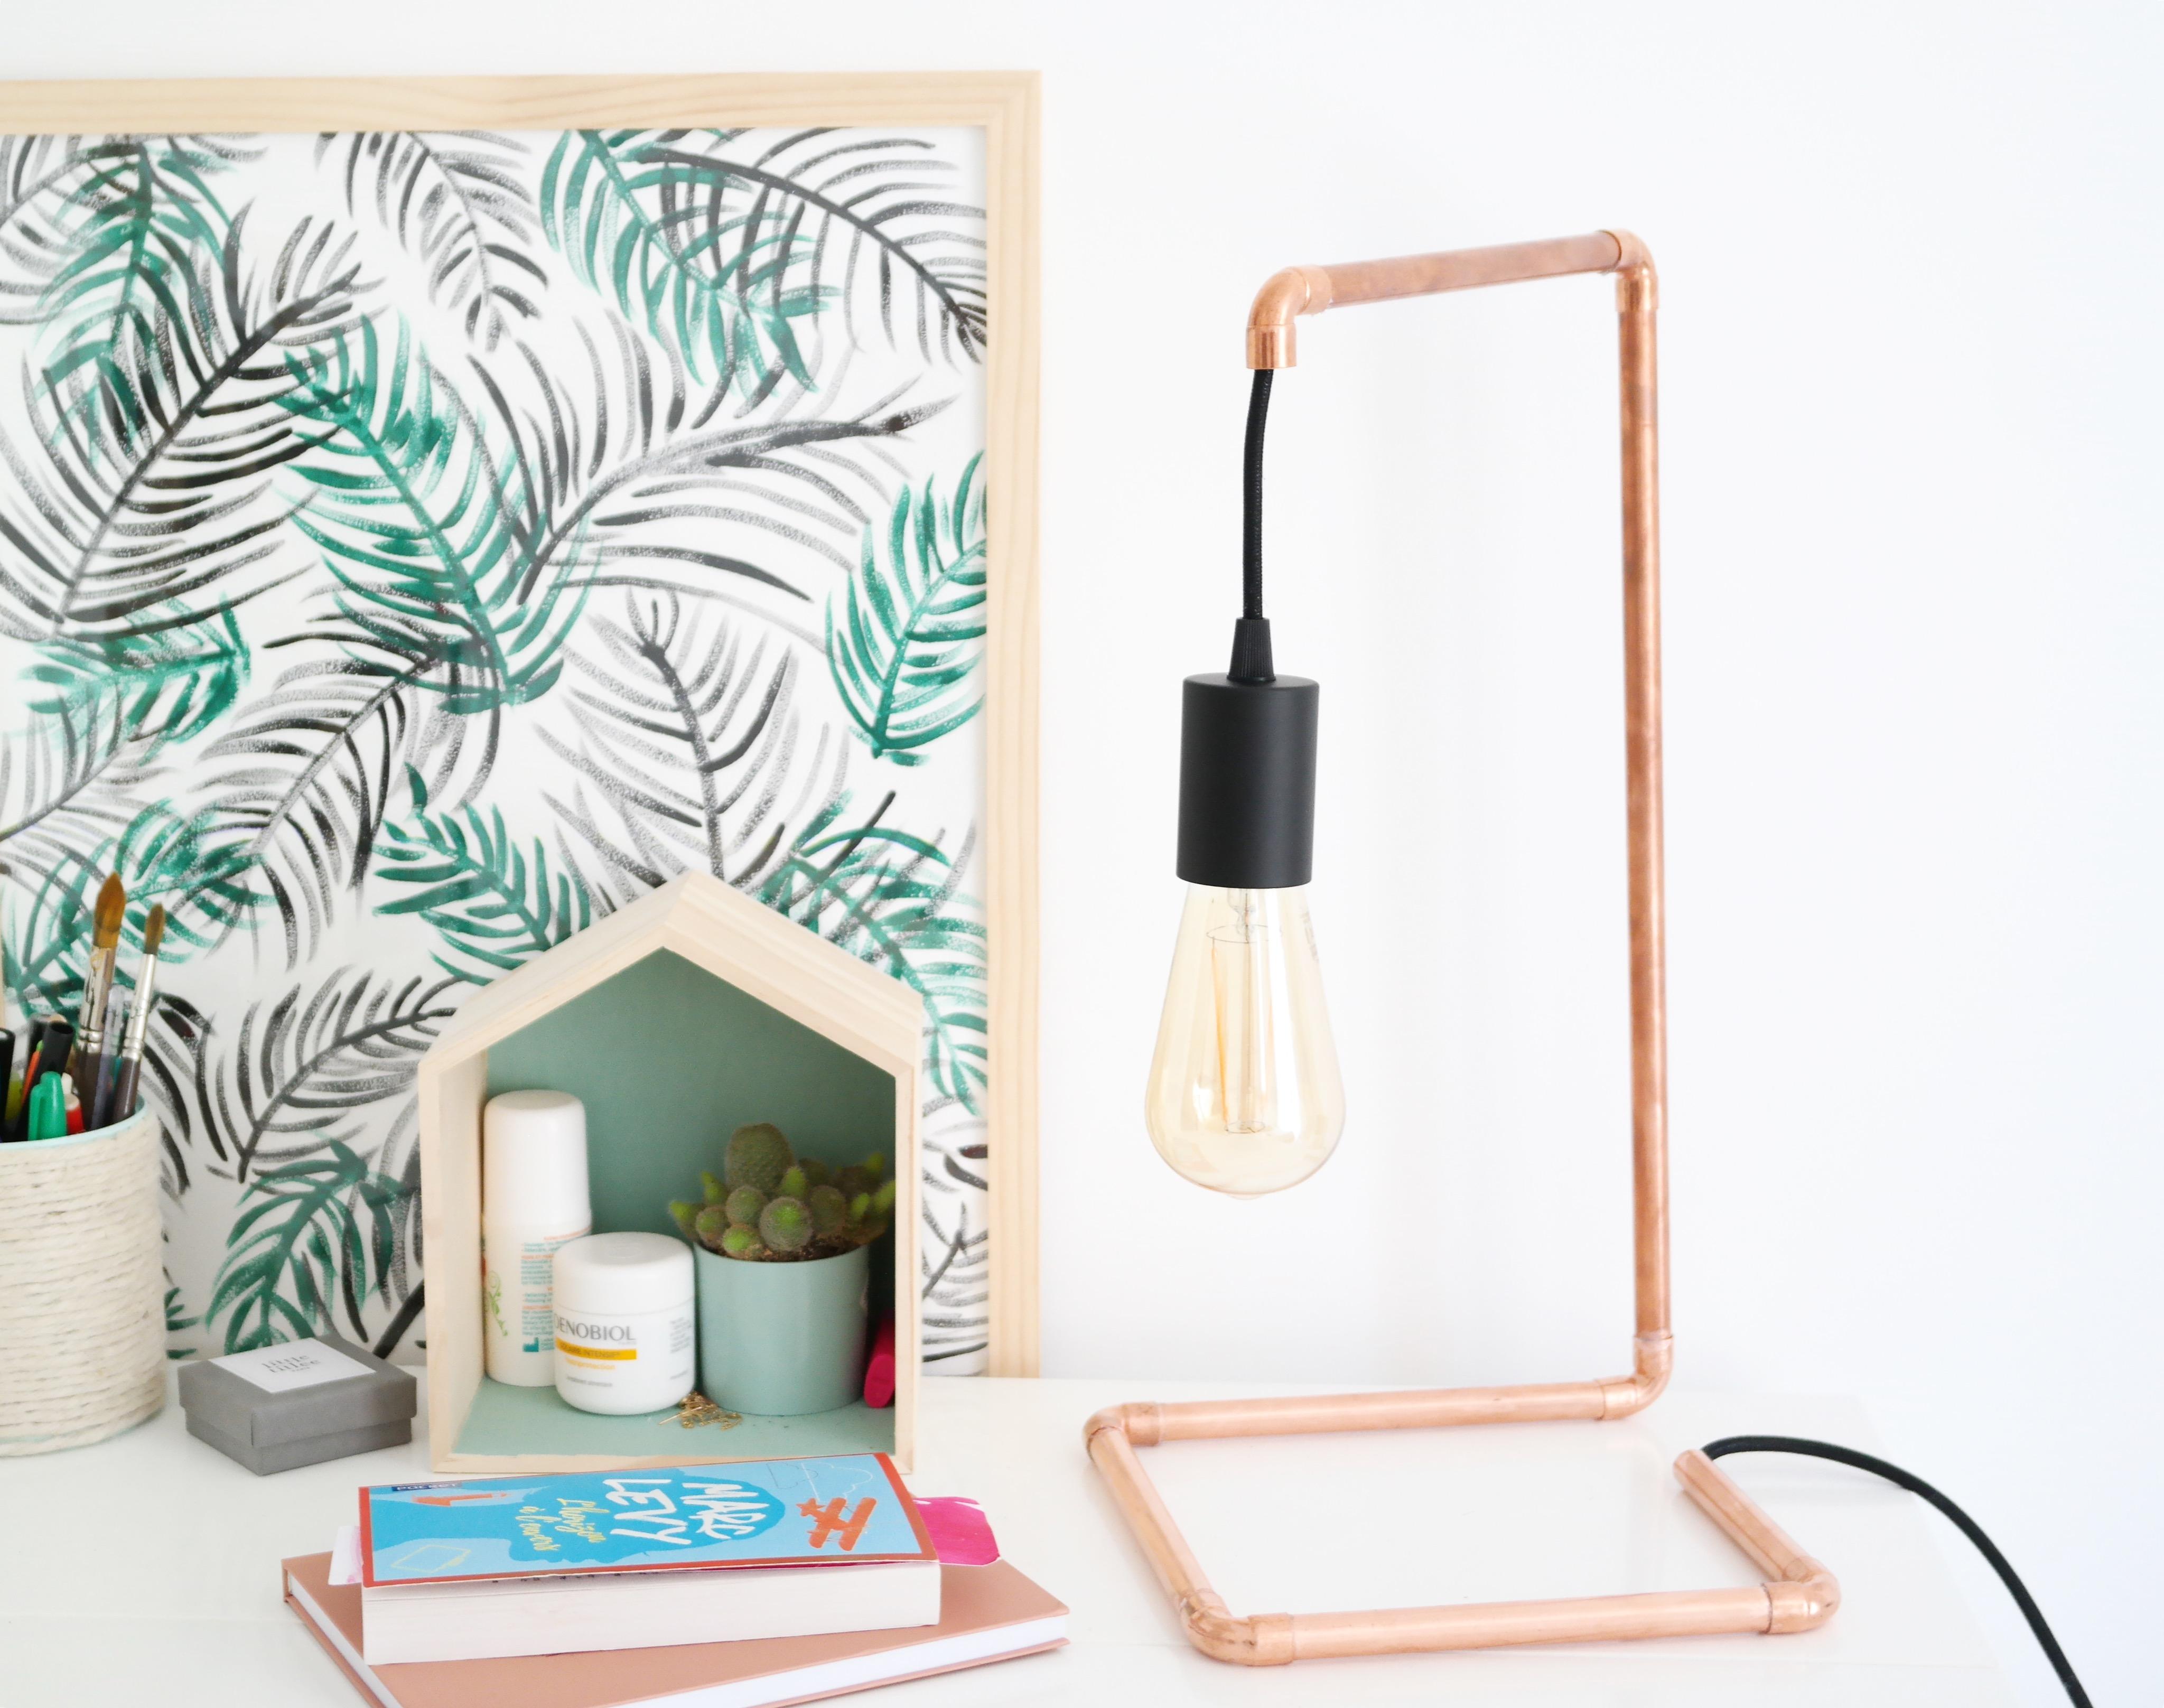 diy lampe en cuivre et bon plan ampoules gratuites le meilleur du diy. Black Bedroom Furniture Sets. Home Design Ideas